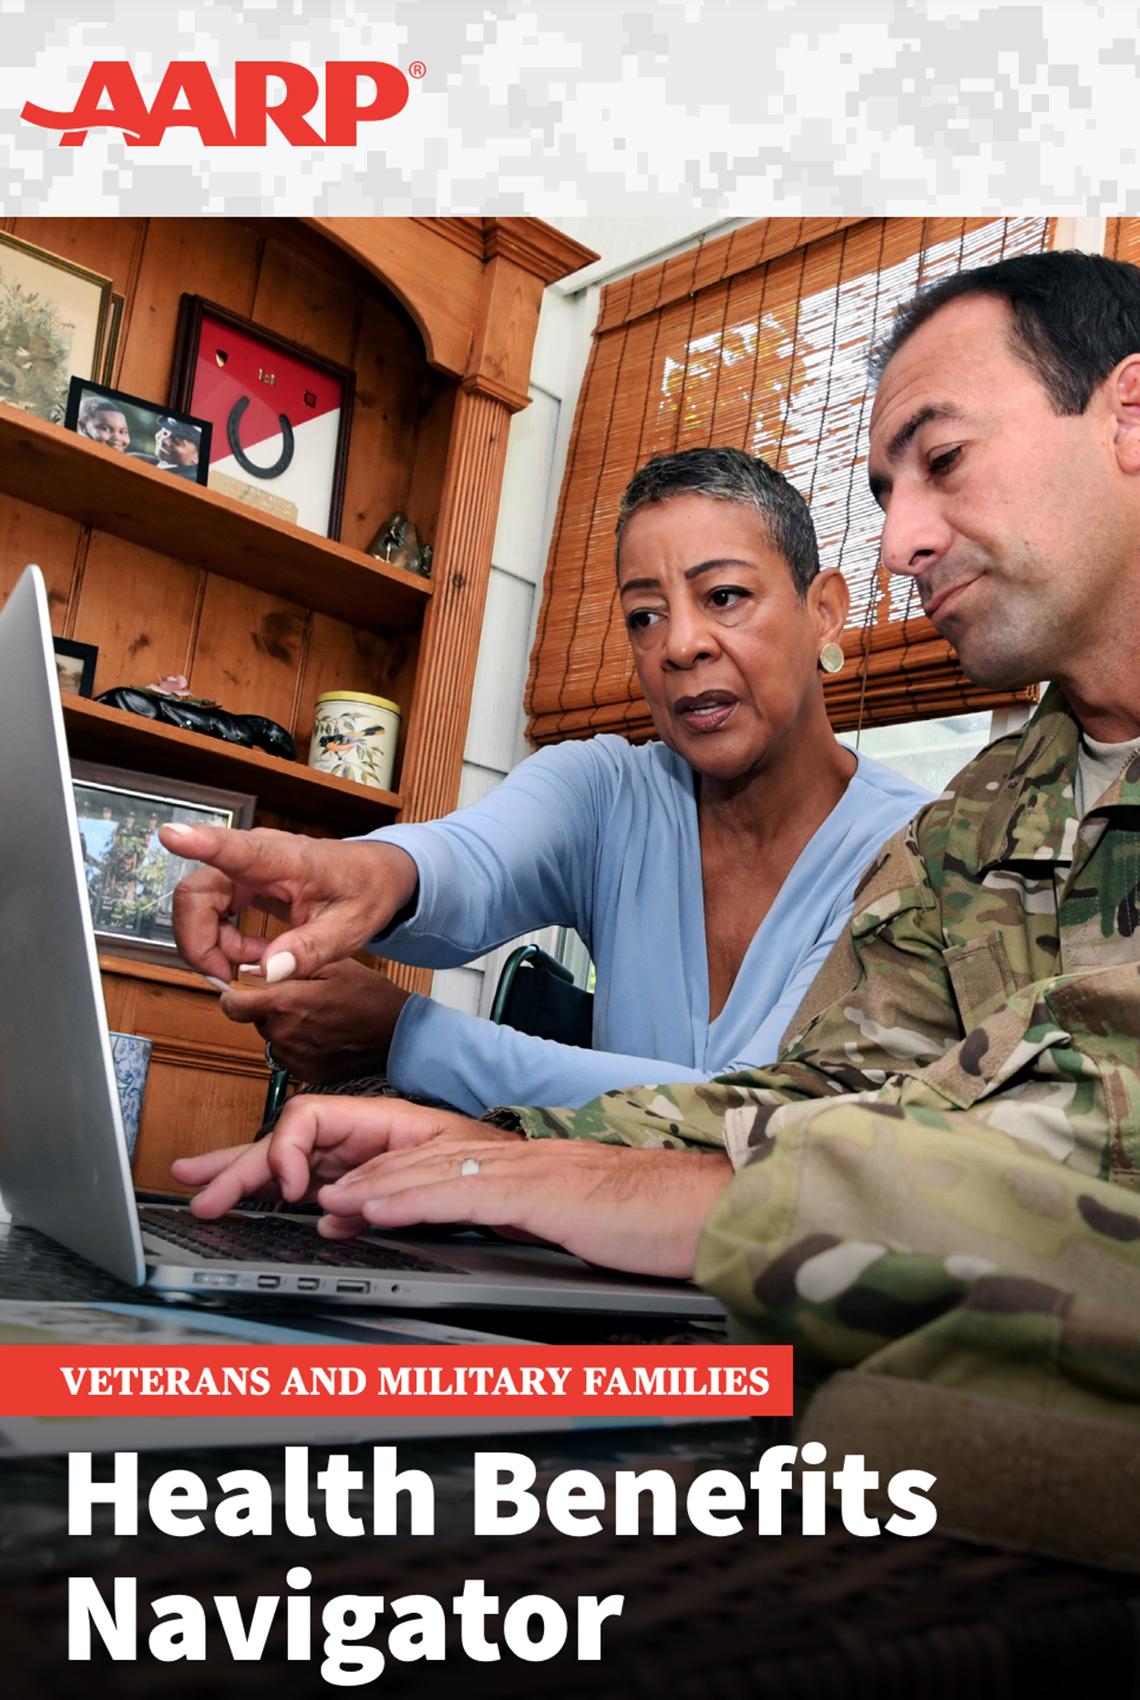 Una mujer y un hombre con uniforme militar observan una computadora